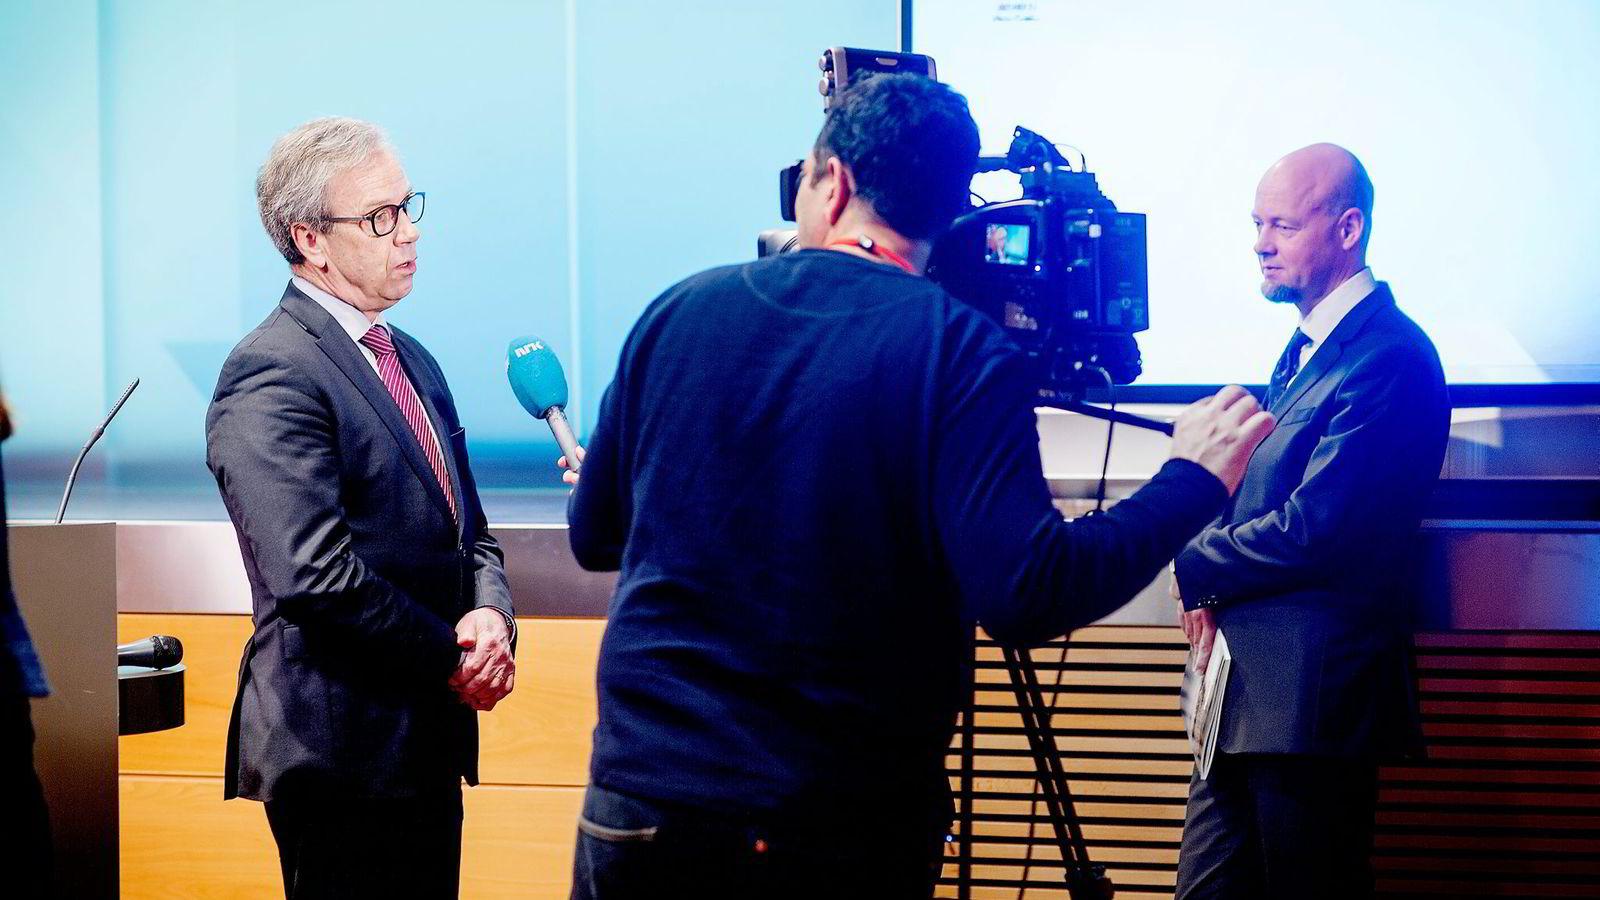 Sentralbanksjef Øystein Olsen (til venstre) og Yngve Slyngstad, sjef i Oljefondet, har mandat til å etablere datterselskap i skatteparadiser.